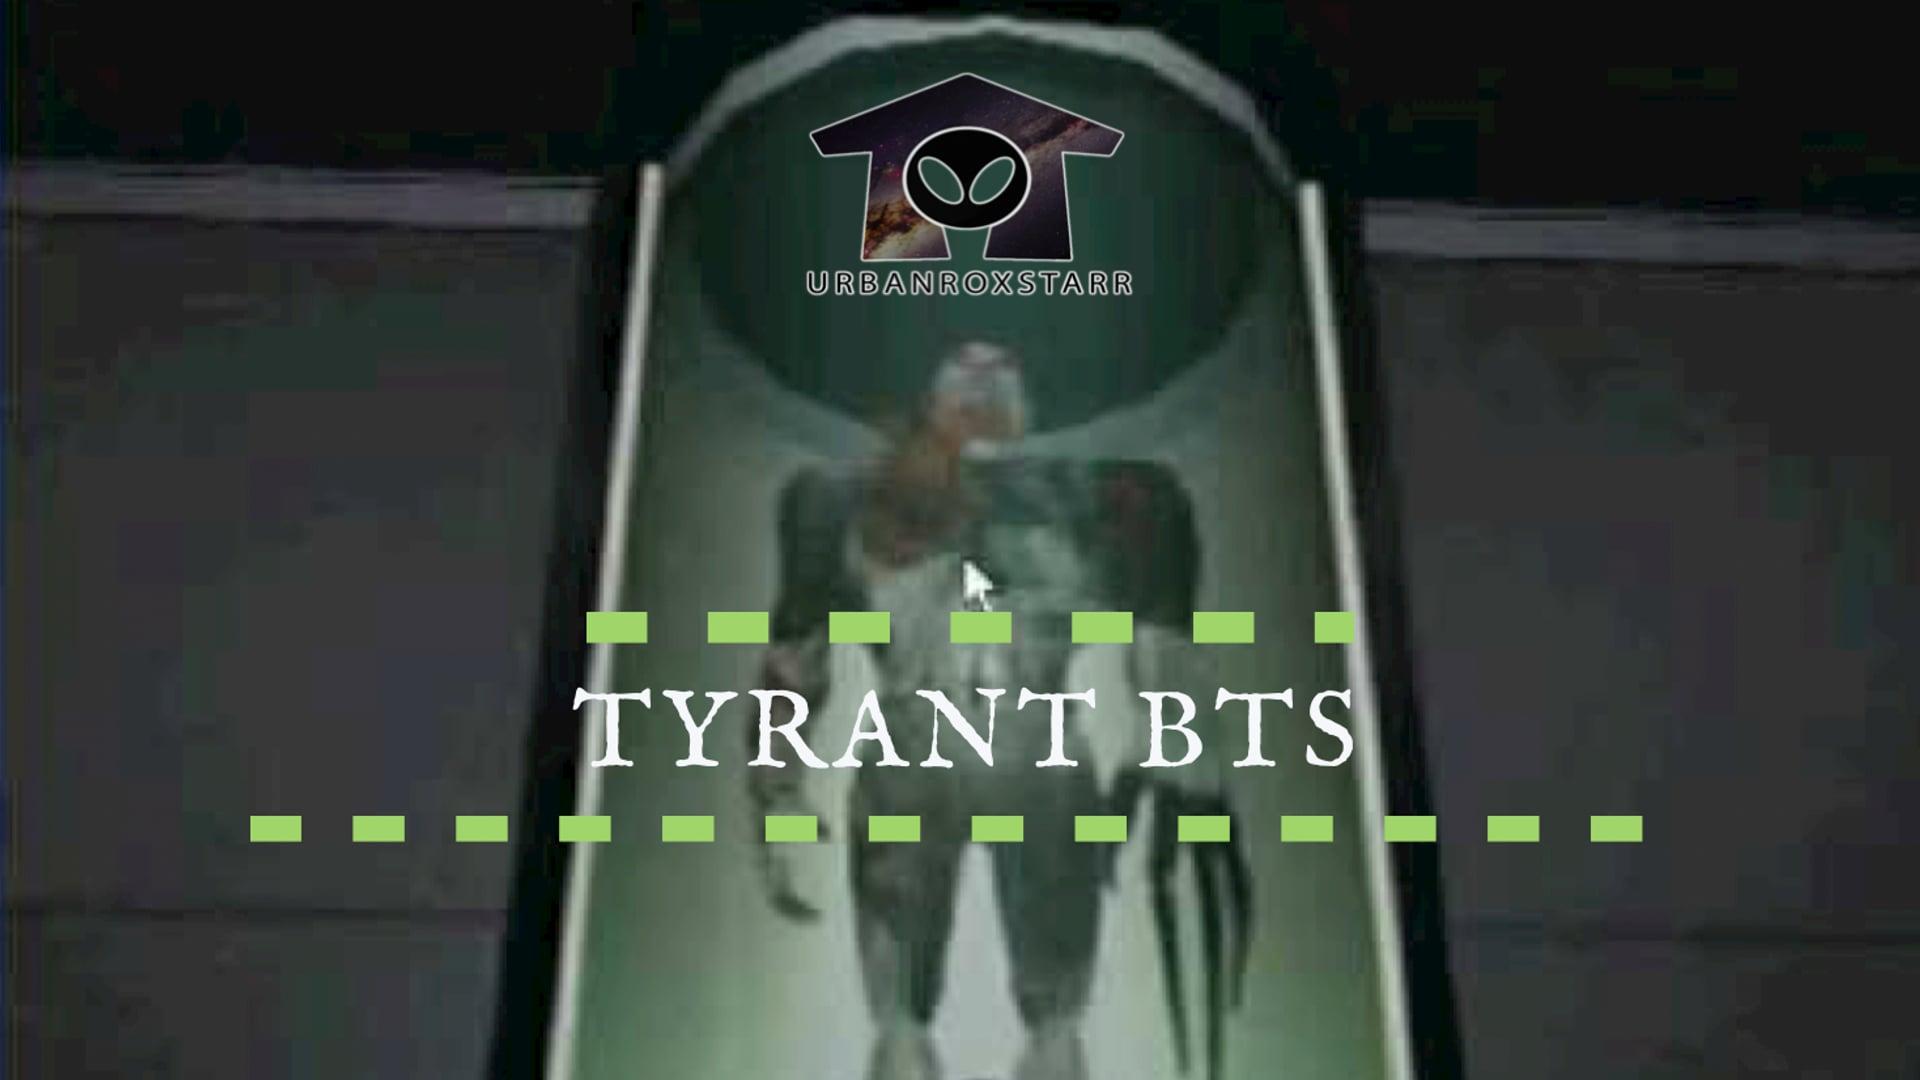 TYRANT(RESIDENT EVIL 1) BTS